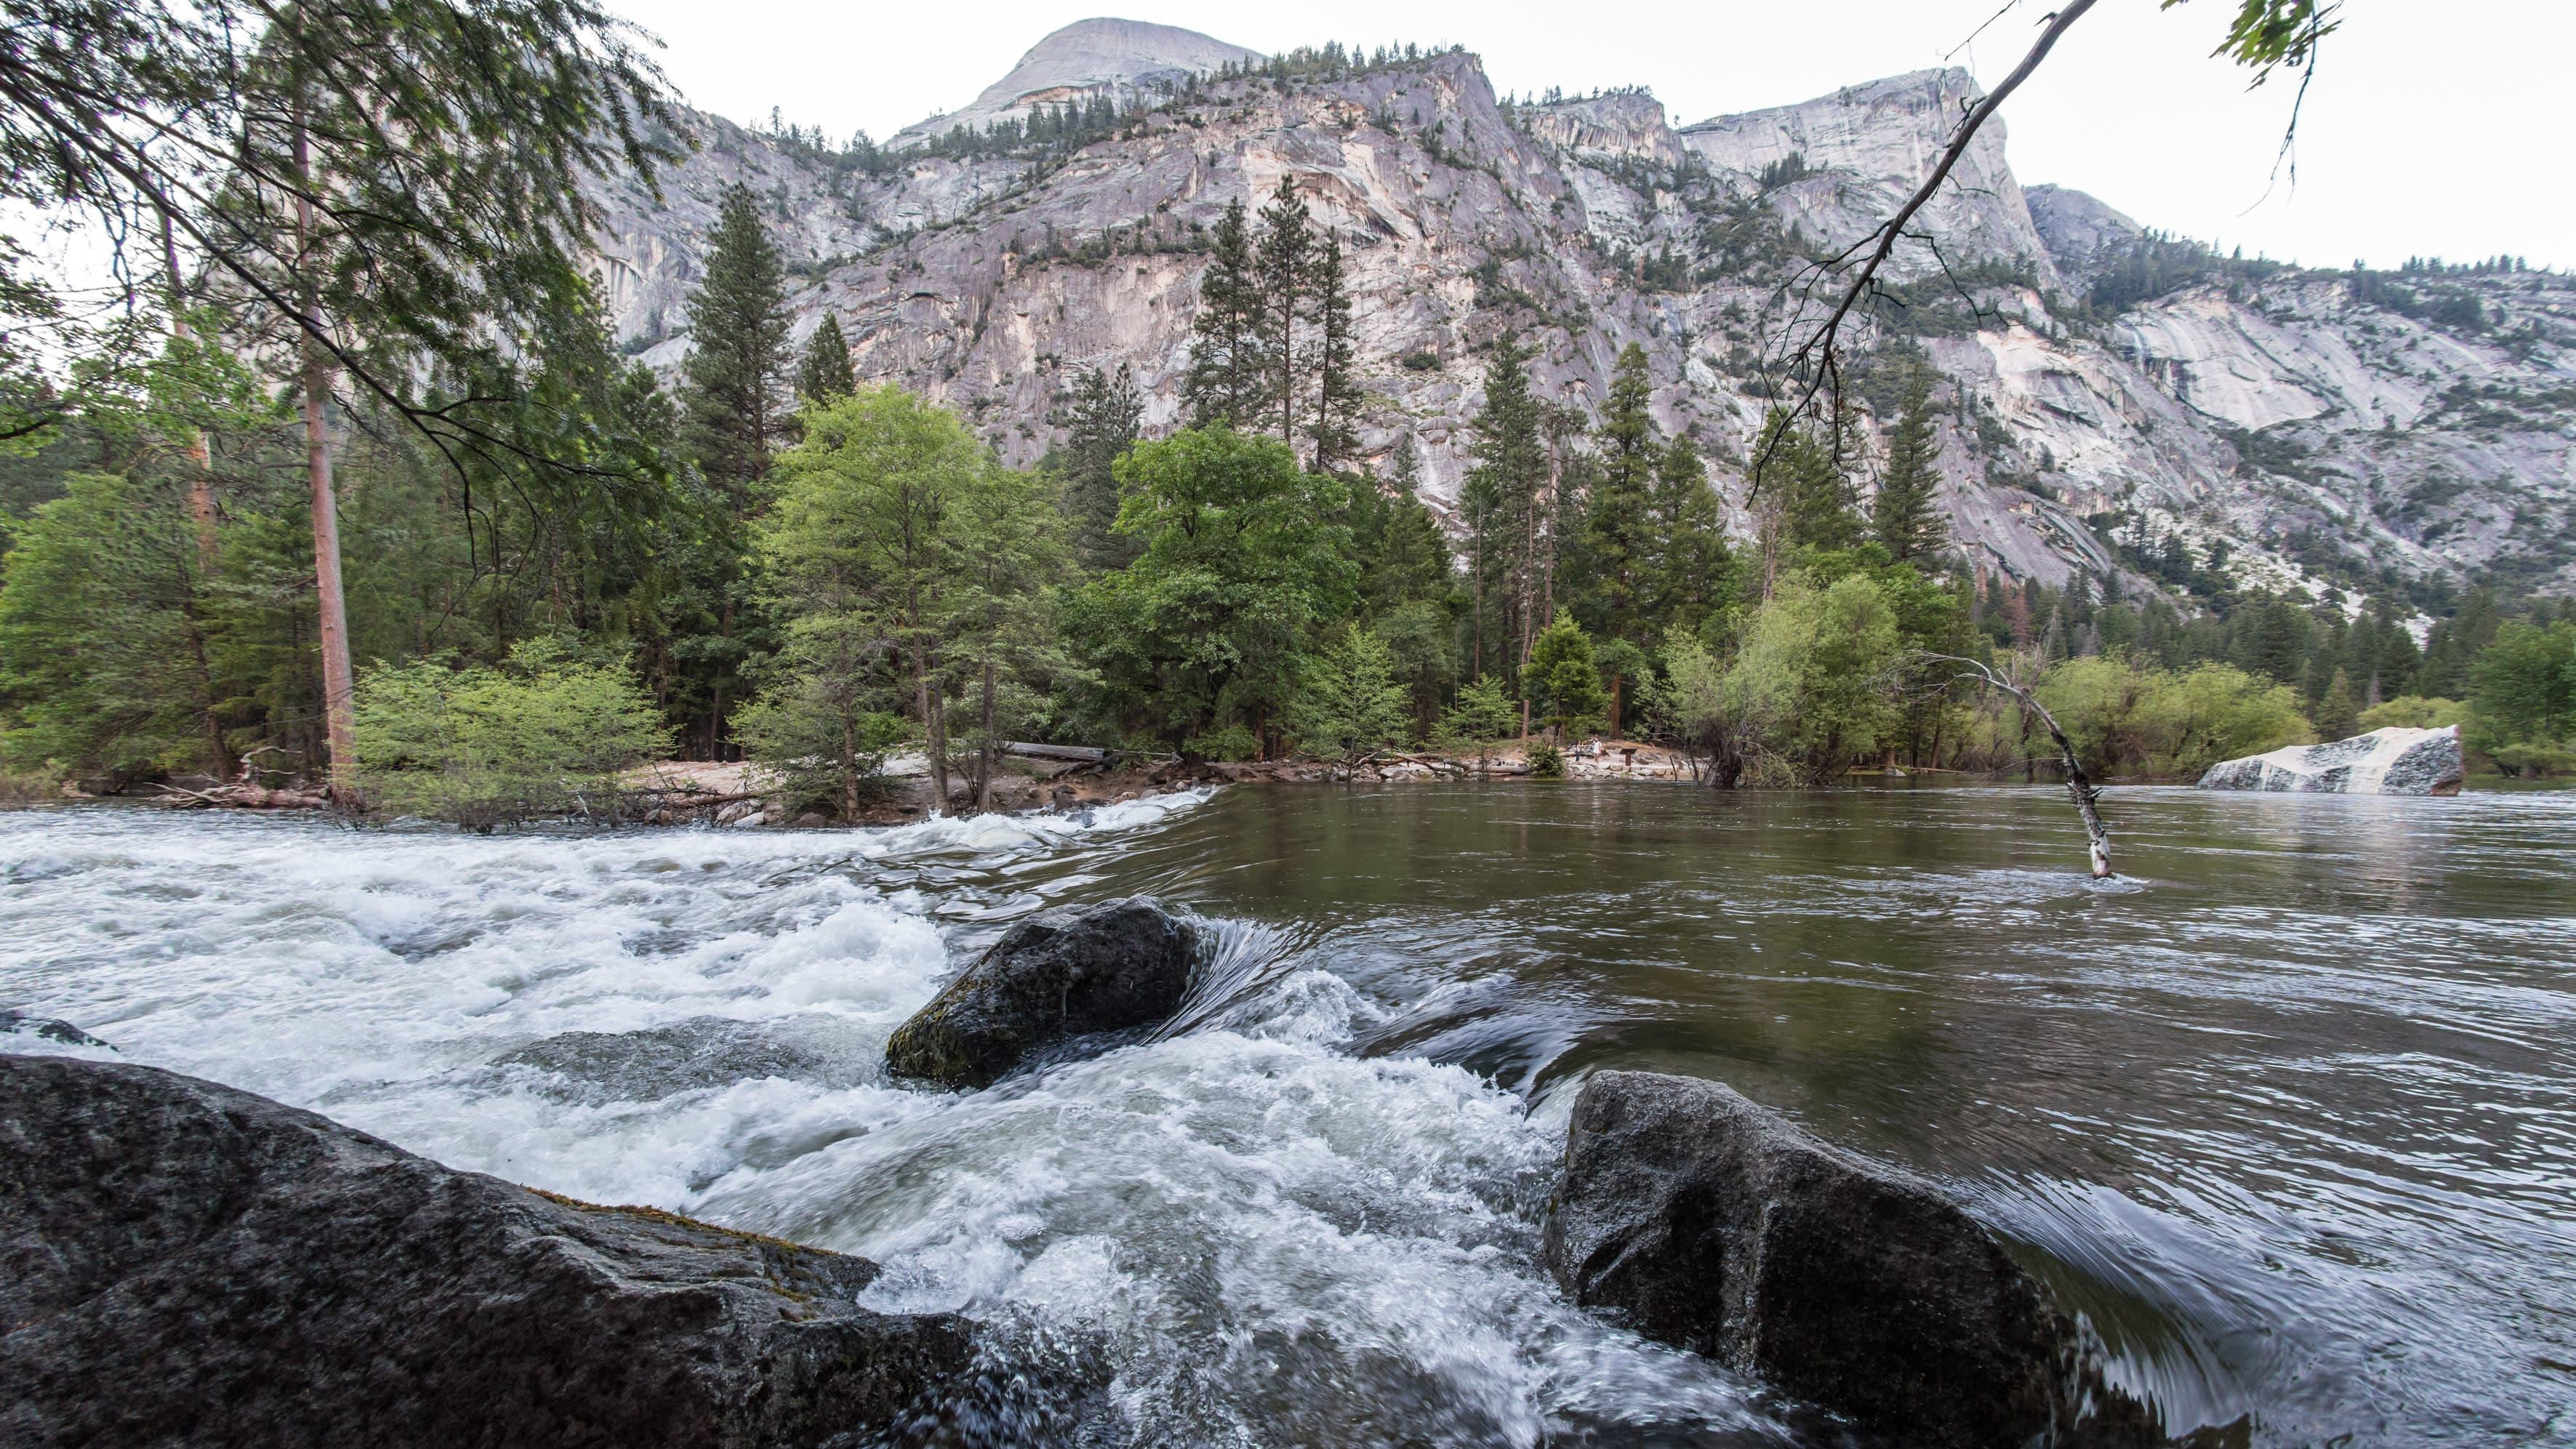 Merced-joki virtaa Yosemiten kansallispuiston halki. Maisemakuvassa vuoristoa ja metsää.